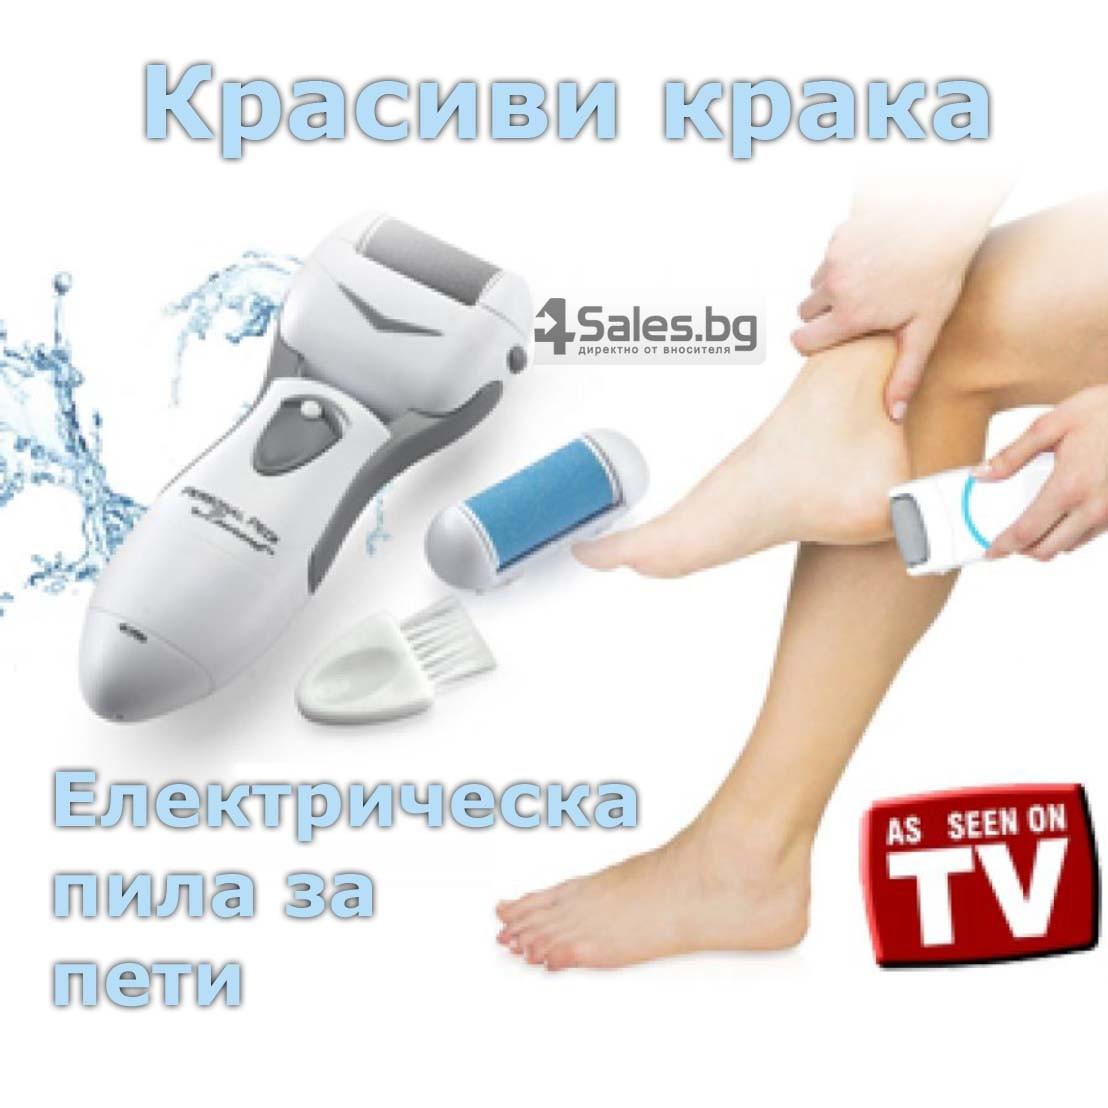 Автоматична - електрическа пила за пети Pedilime (Педилайм) - водоустойчива TV67 17